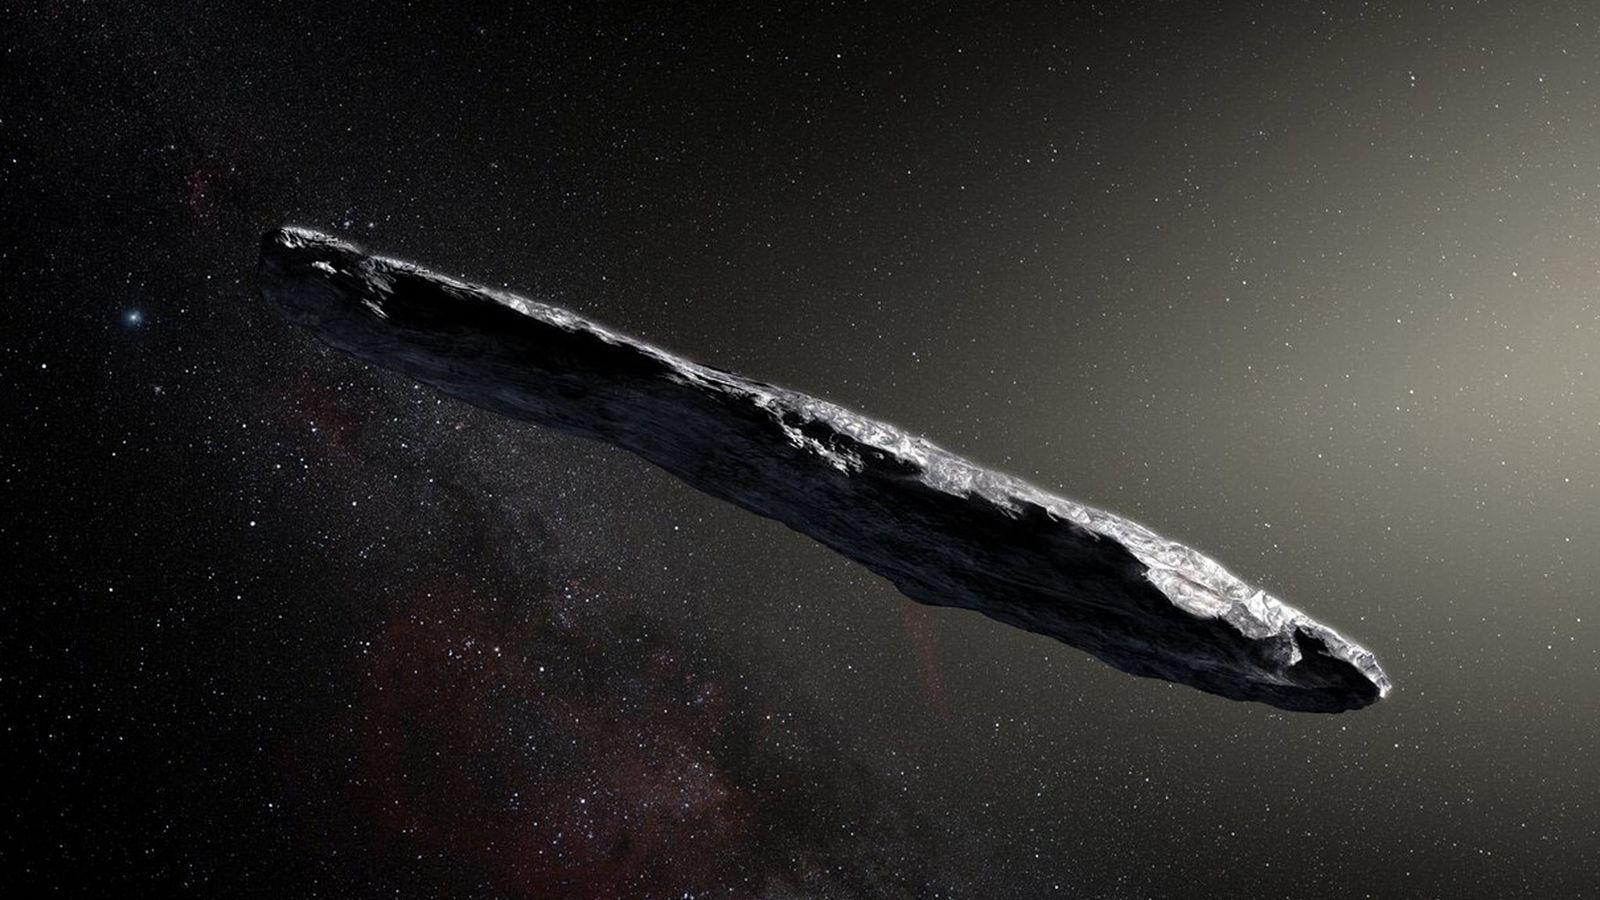 Asteroide interestelar 'Oumuamua